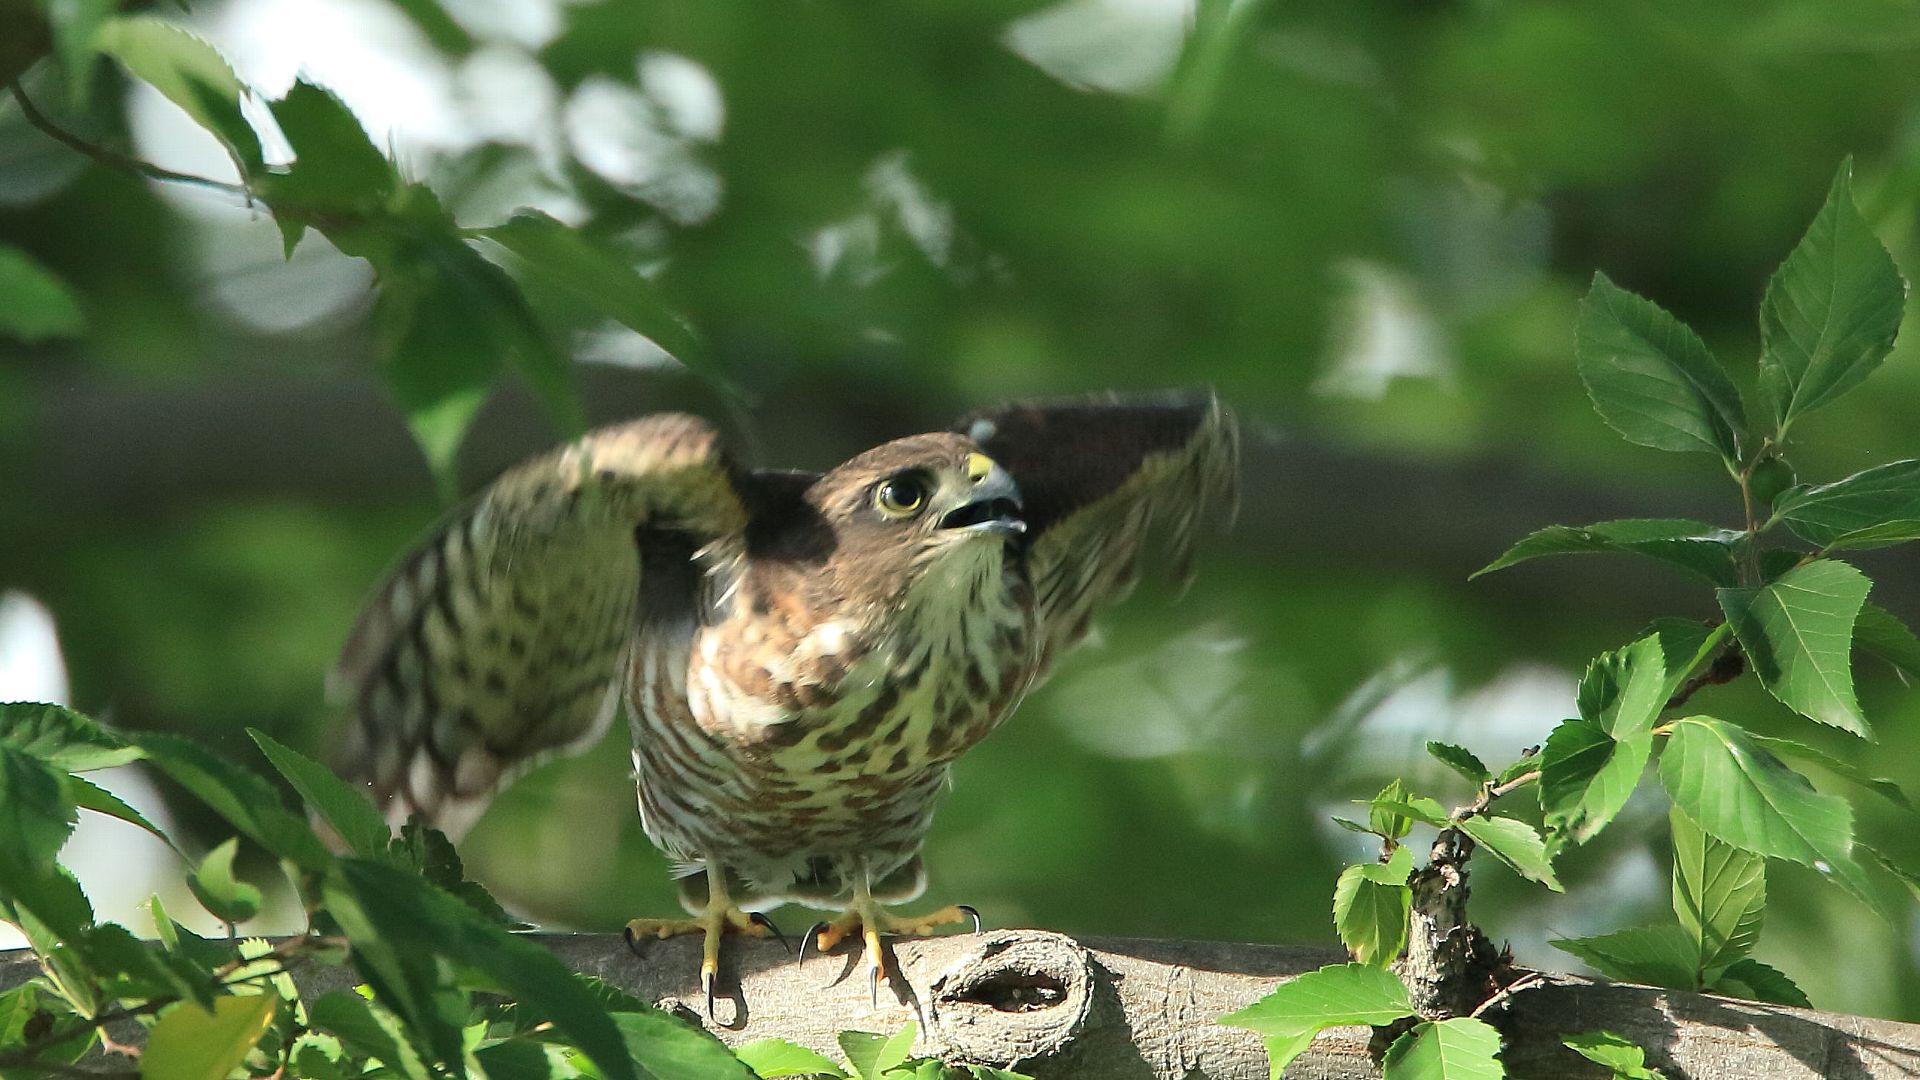 ツミ幼鳥の飛び出し_f0105570_21495546.jpg